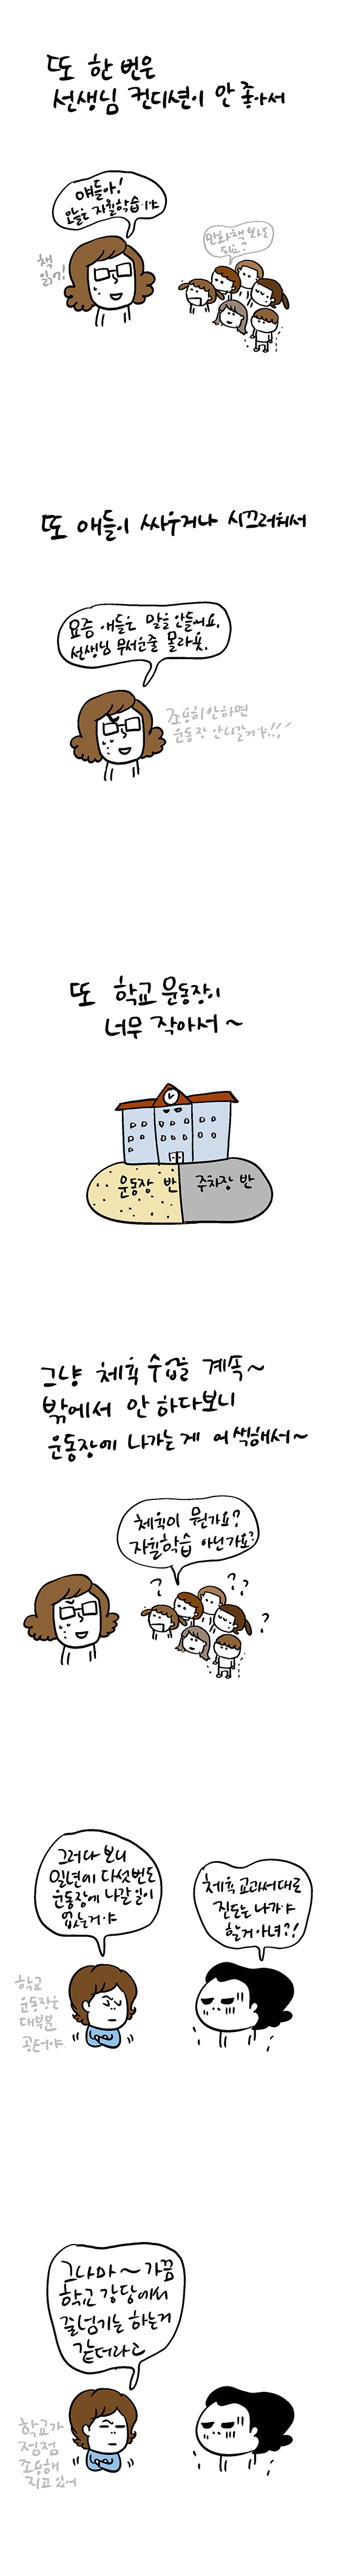 육아카툰초등학교체육수업미세먼지02.jpg